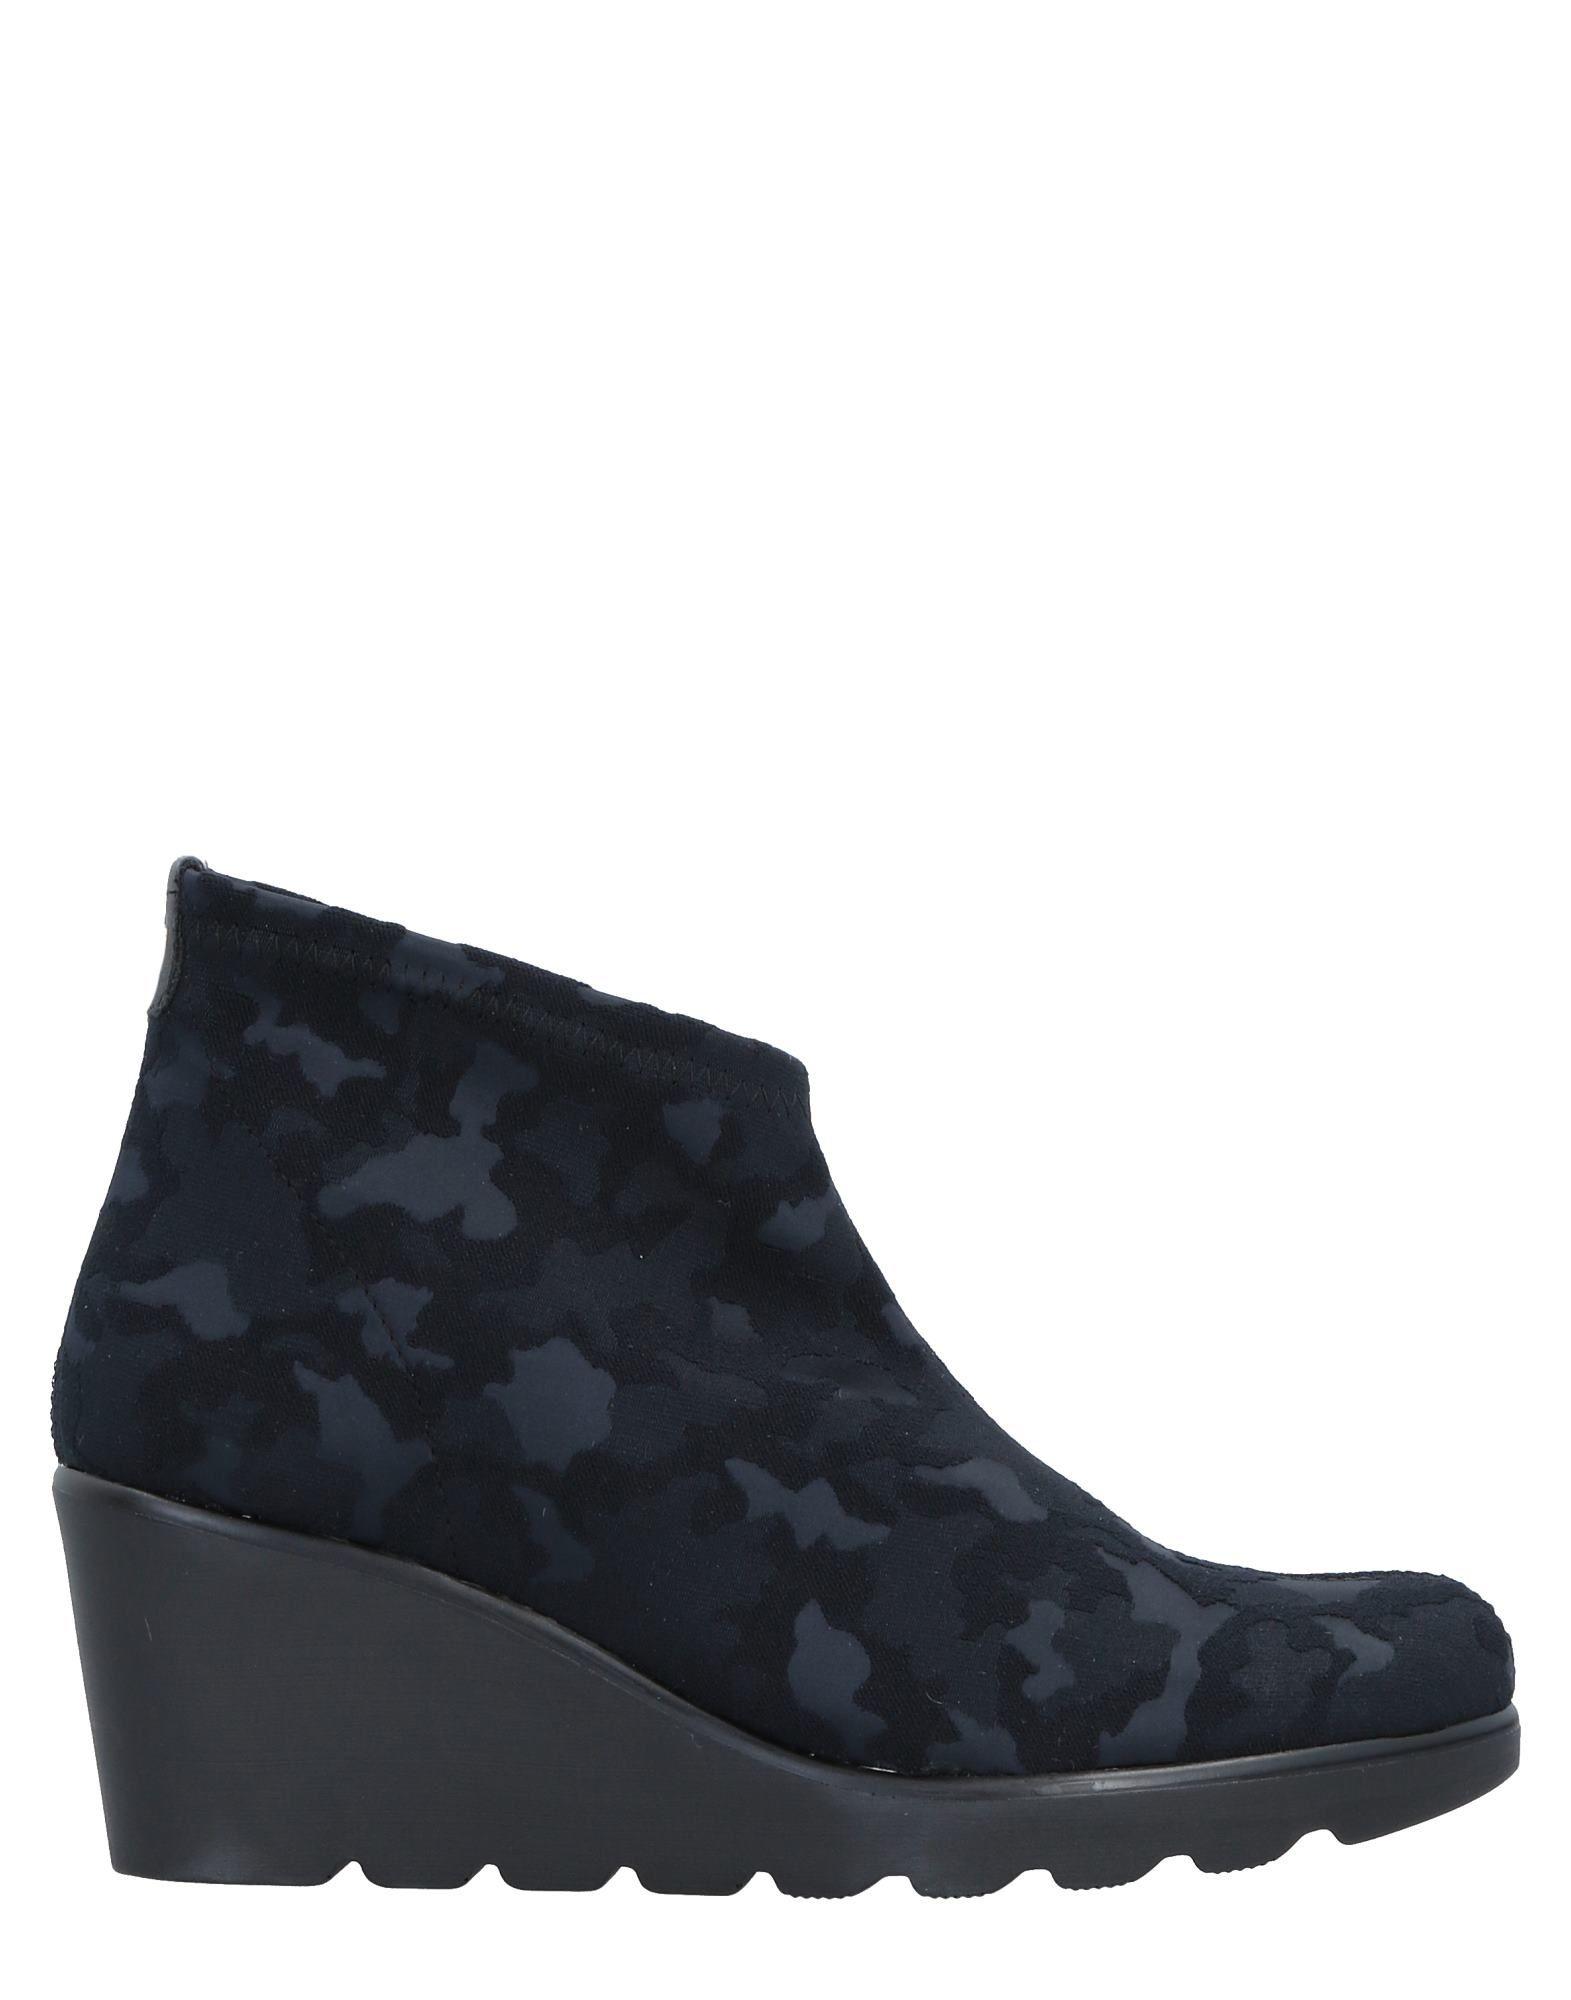 Toni Pons Stiefelette Damen  11517261HR Gute Qualität beliebte Schuhe